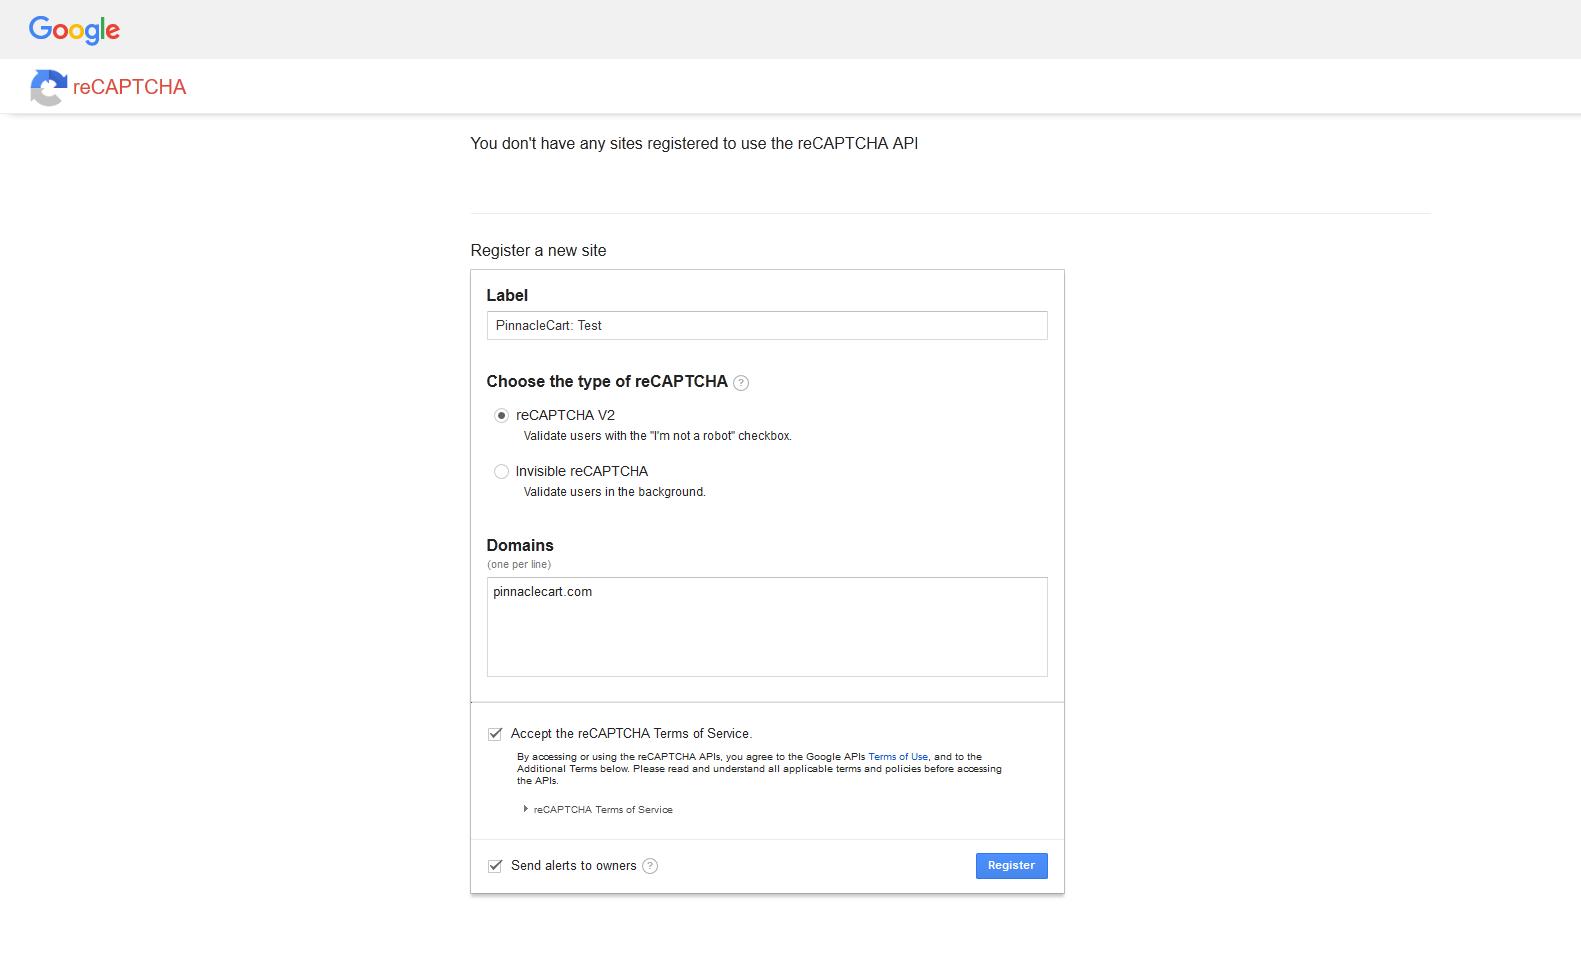 reCAPTCHA register